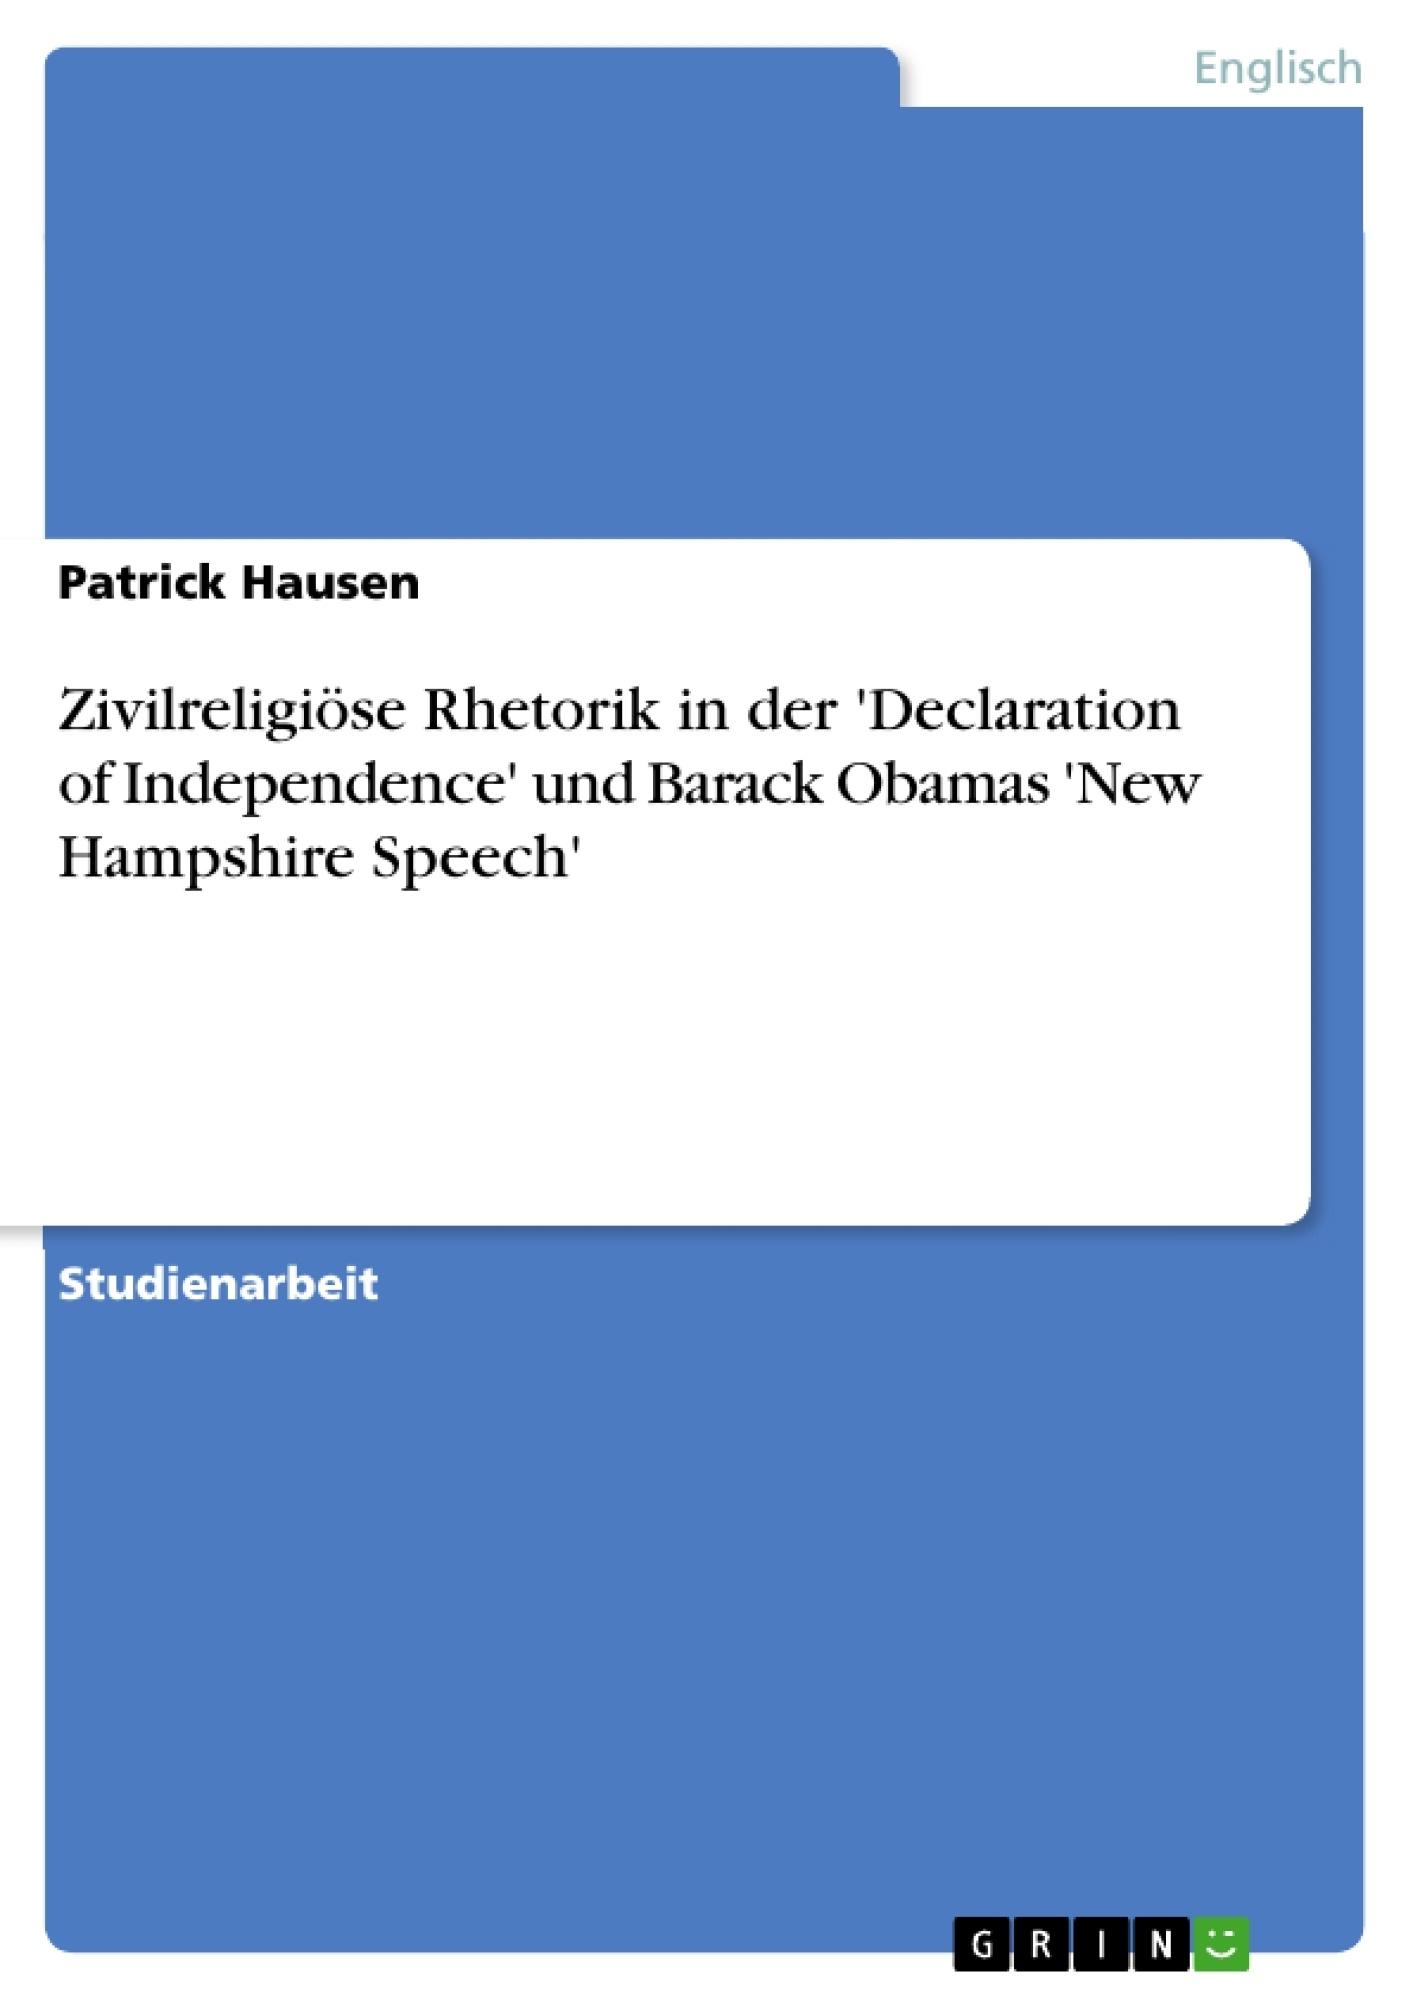 Titel: Zivilreligiöse Rhetorik in der 'Declaration of Independence' und Barack Obamas 'New Hampshire Speech'